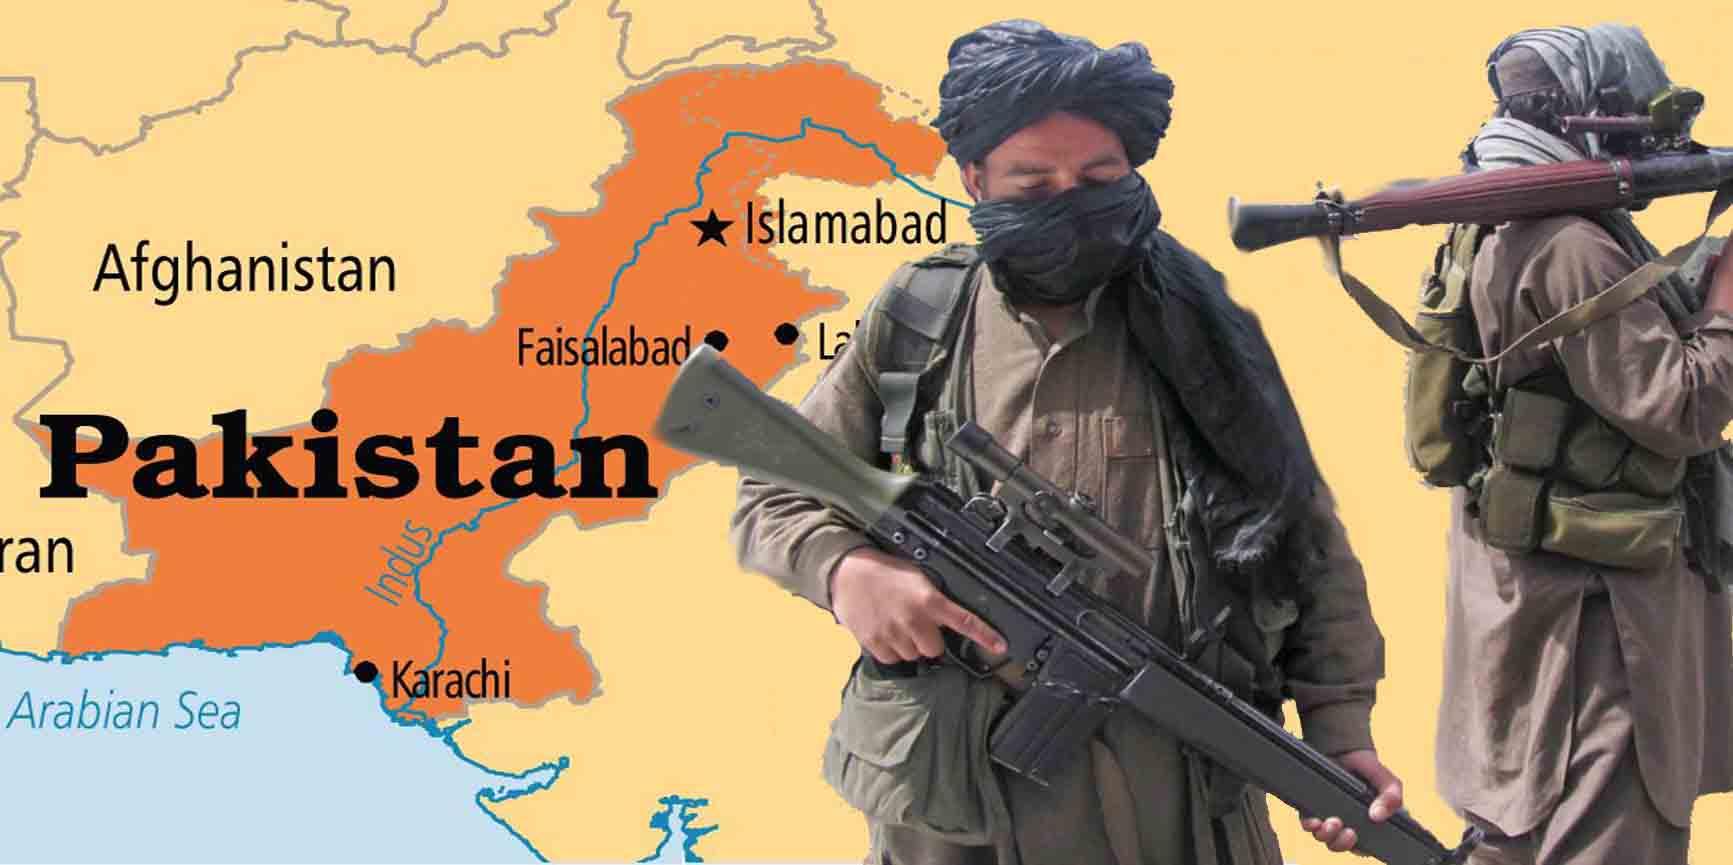 نقش اردوی ملی پاکستان در قتل بزرگان و نخبگان پشتون